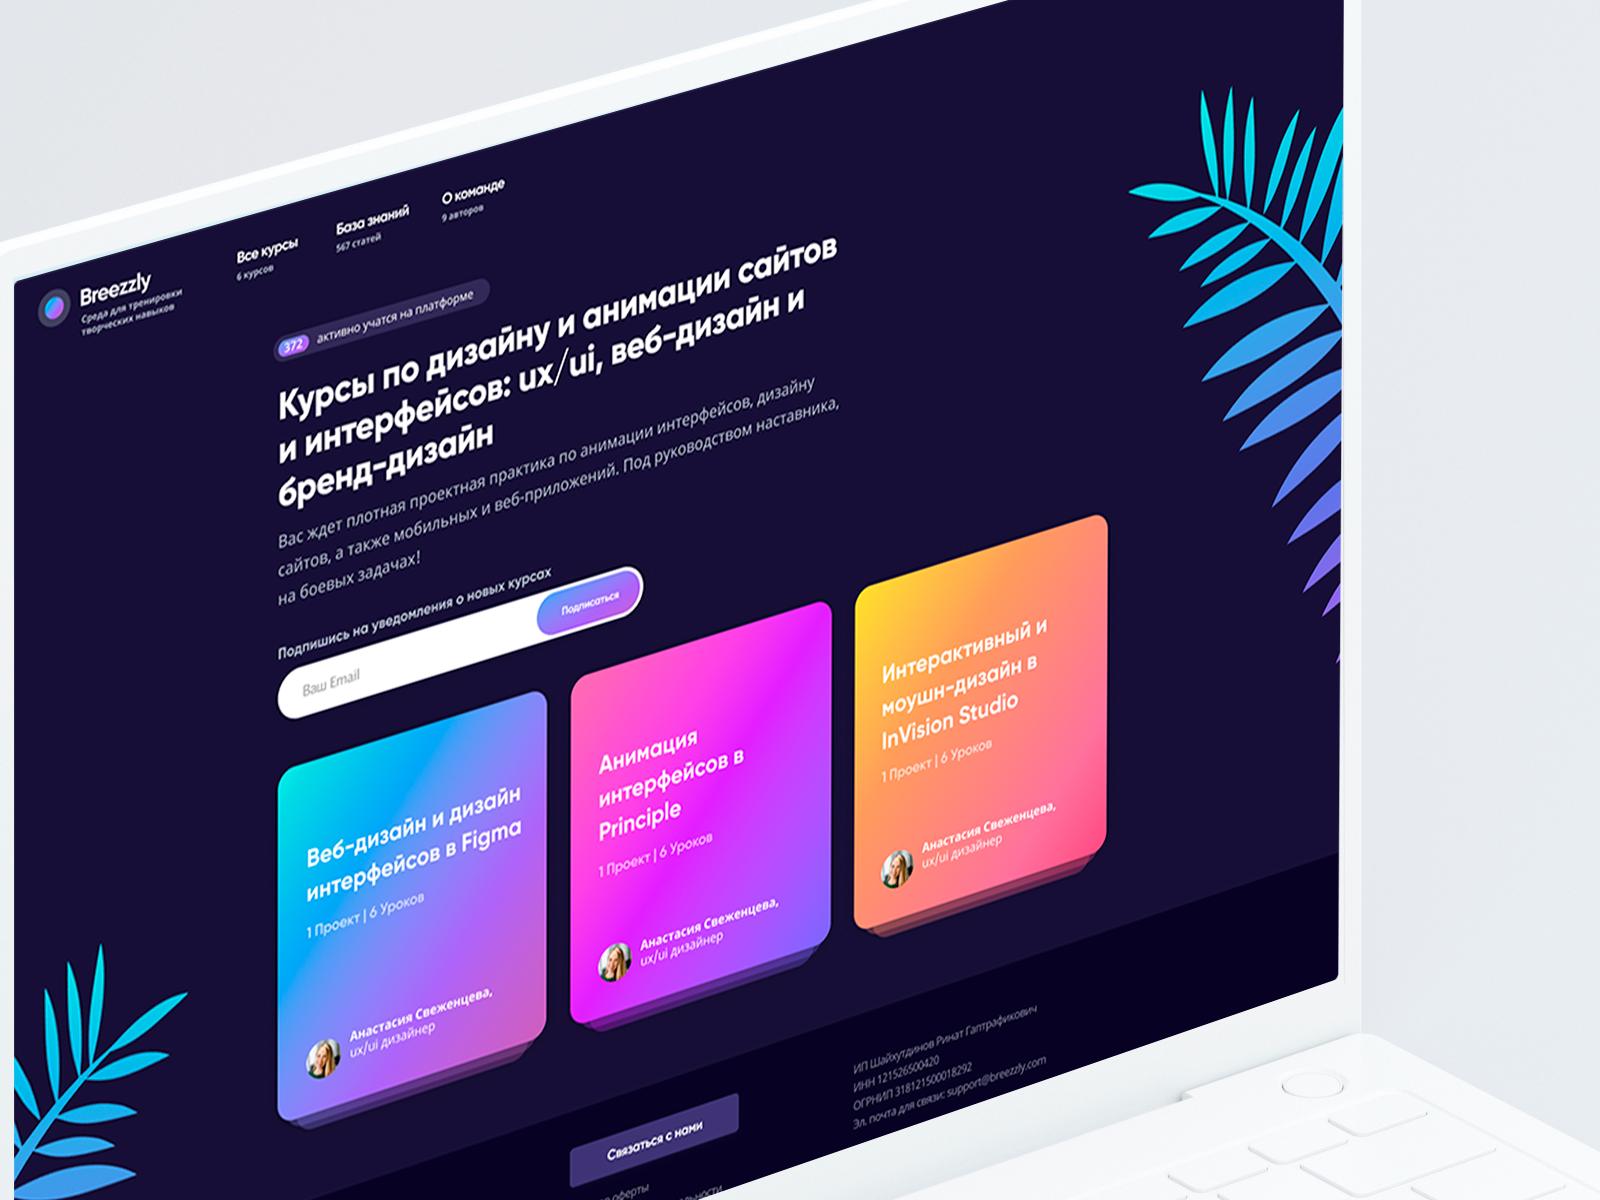 Breezzly: курсы по дизайну сайтов с нуля